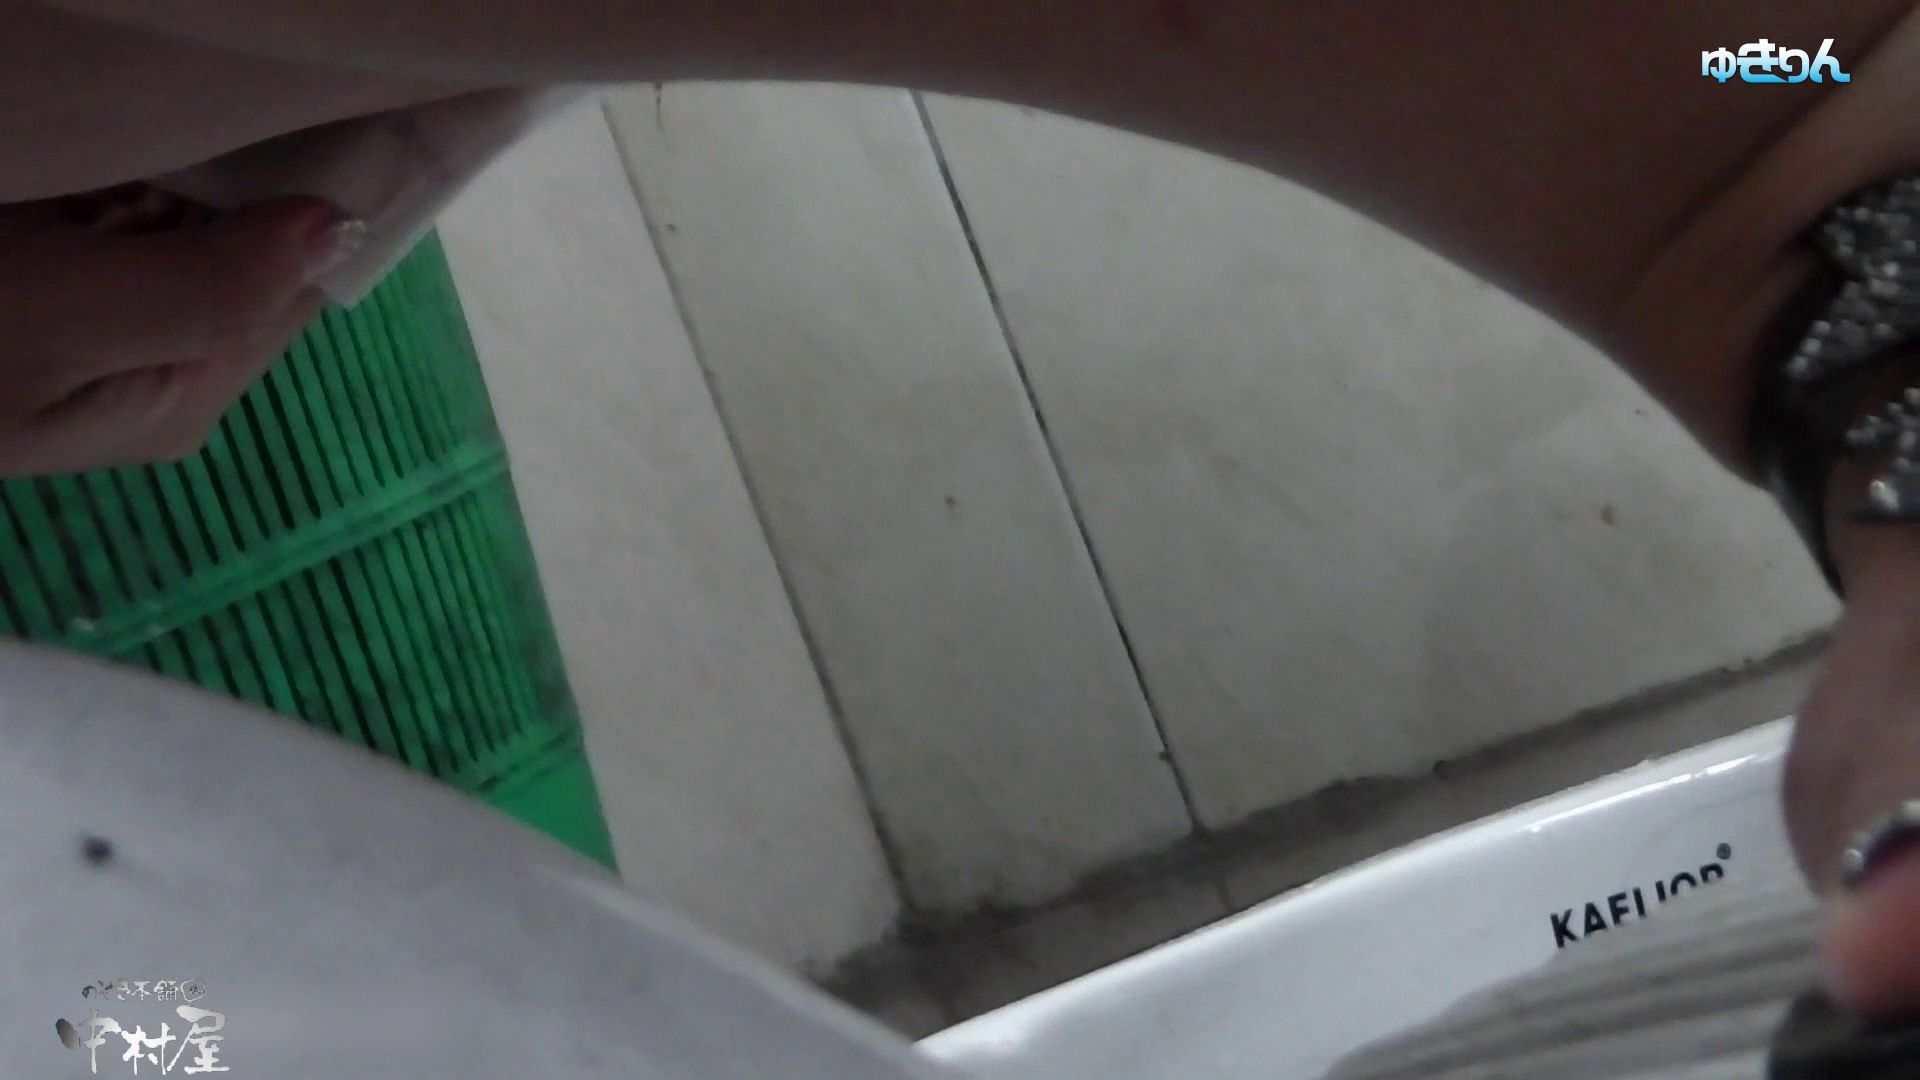 世界の射窓から~ステーション編 vol60 ユキリン粘着撮り!!今回はタイトなパンツが似合う美女 0 | 0  82pic 25